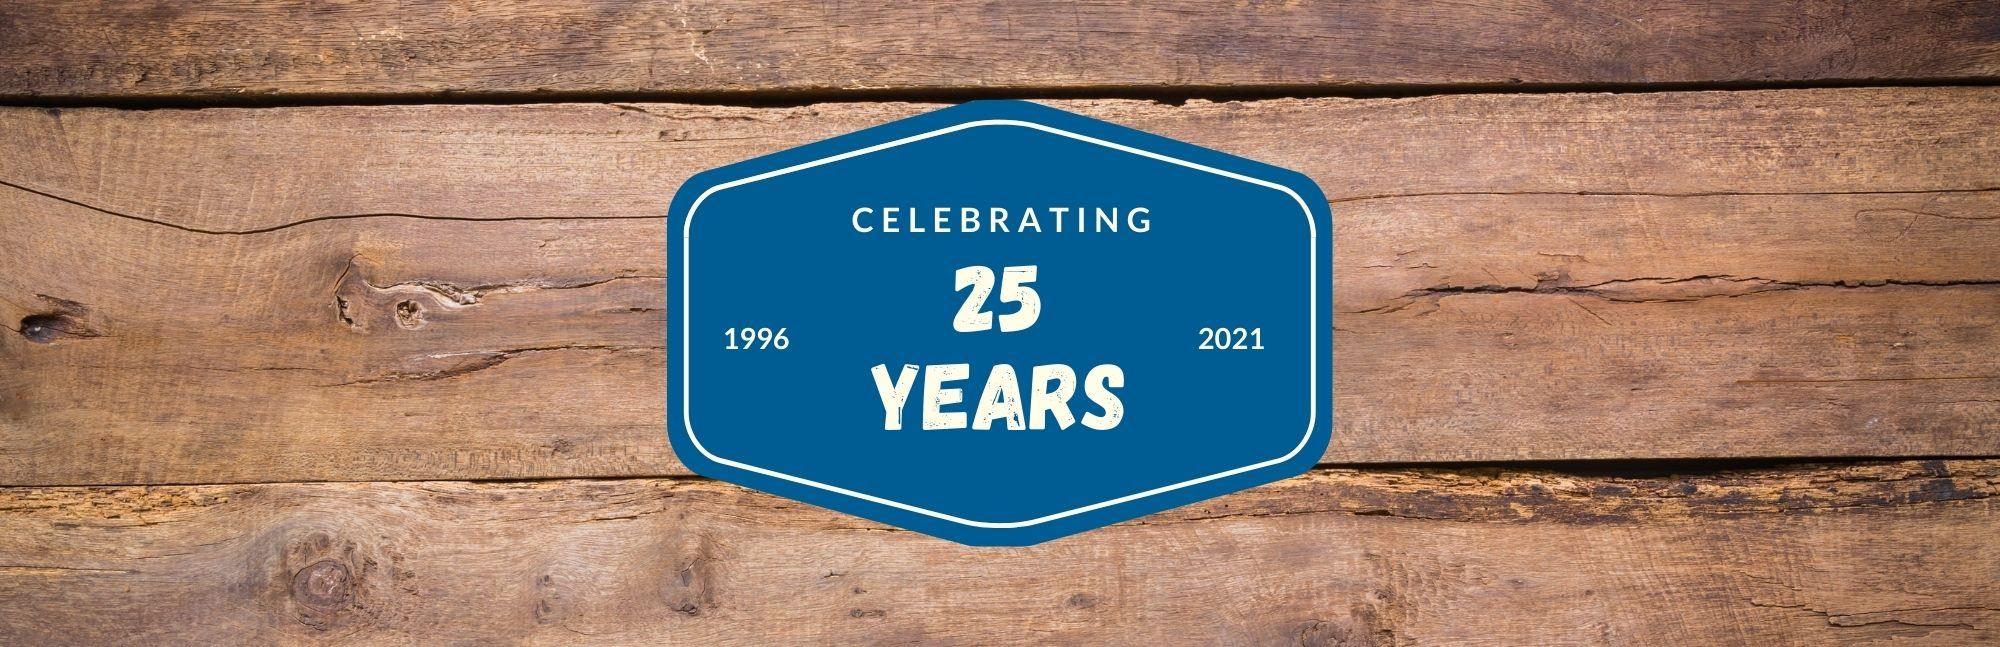 Bowen Island Sea Kayaking Celebrates 25 Years